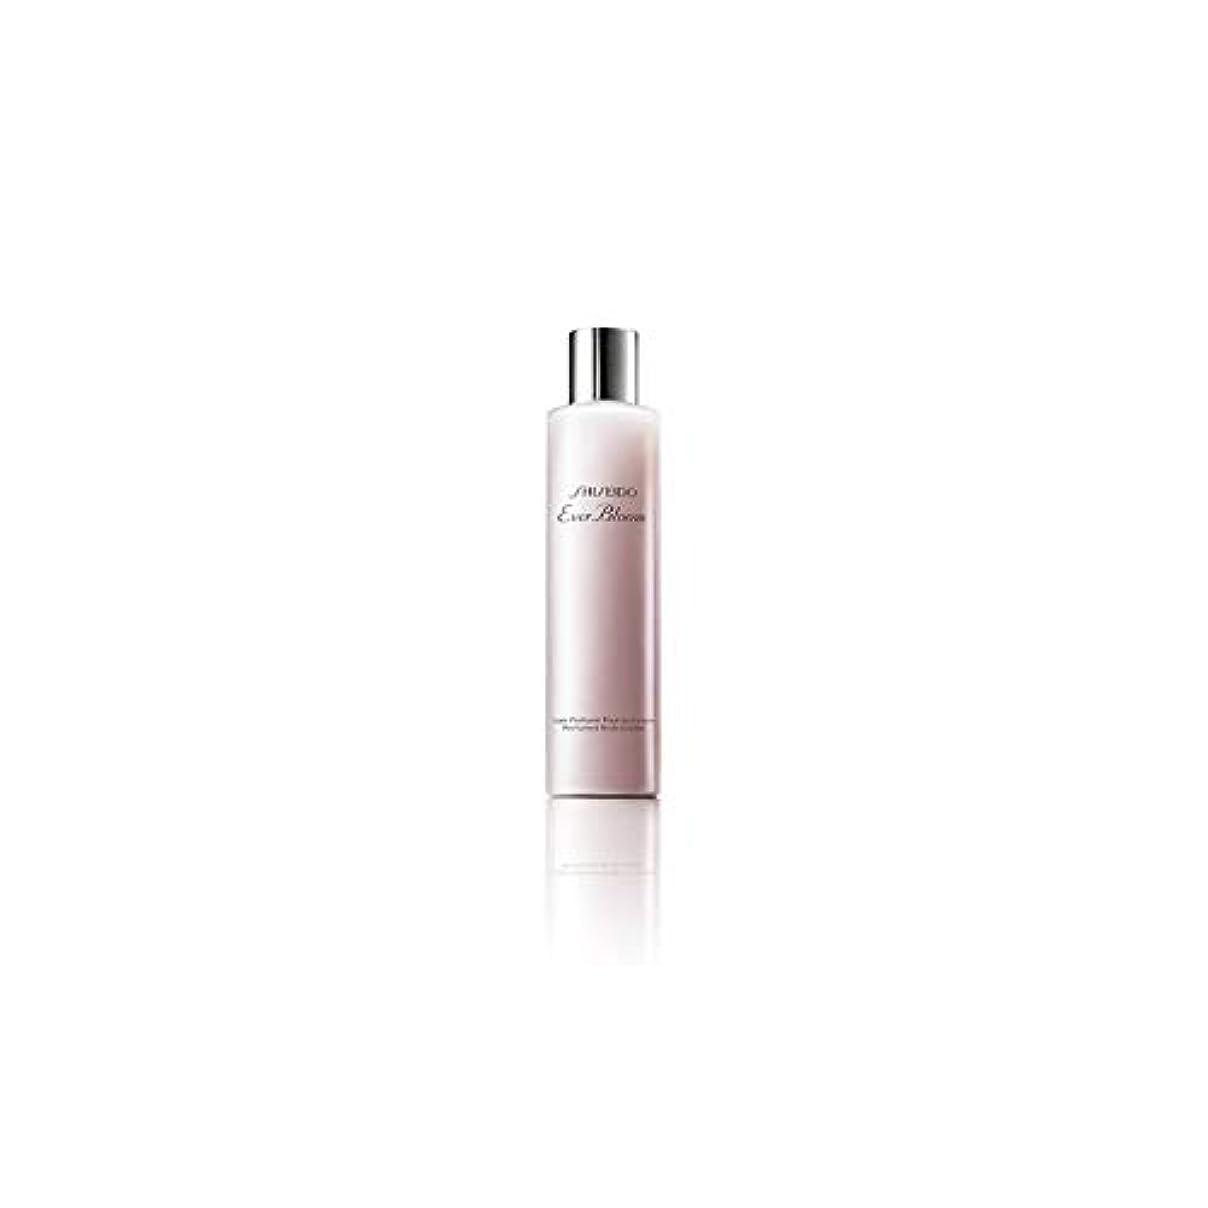 思慮のないアジア人精巧な[Shiseido] 資生堂これまでブルームボディローション(30ミリリットル) - Shiseido Ever Bloom Body Lotion (30ml) [並行輸入品]